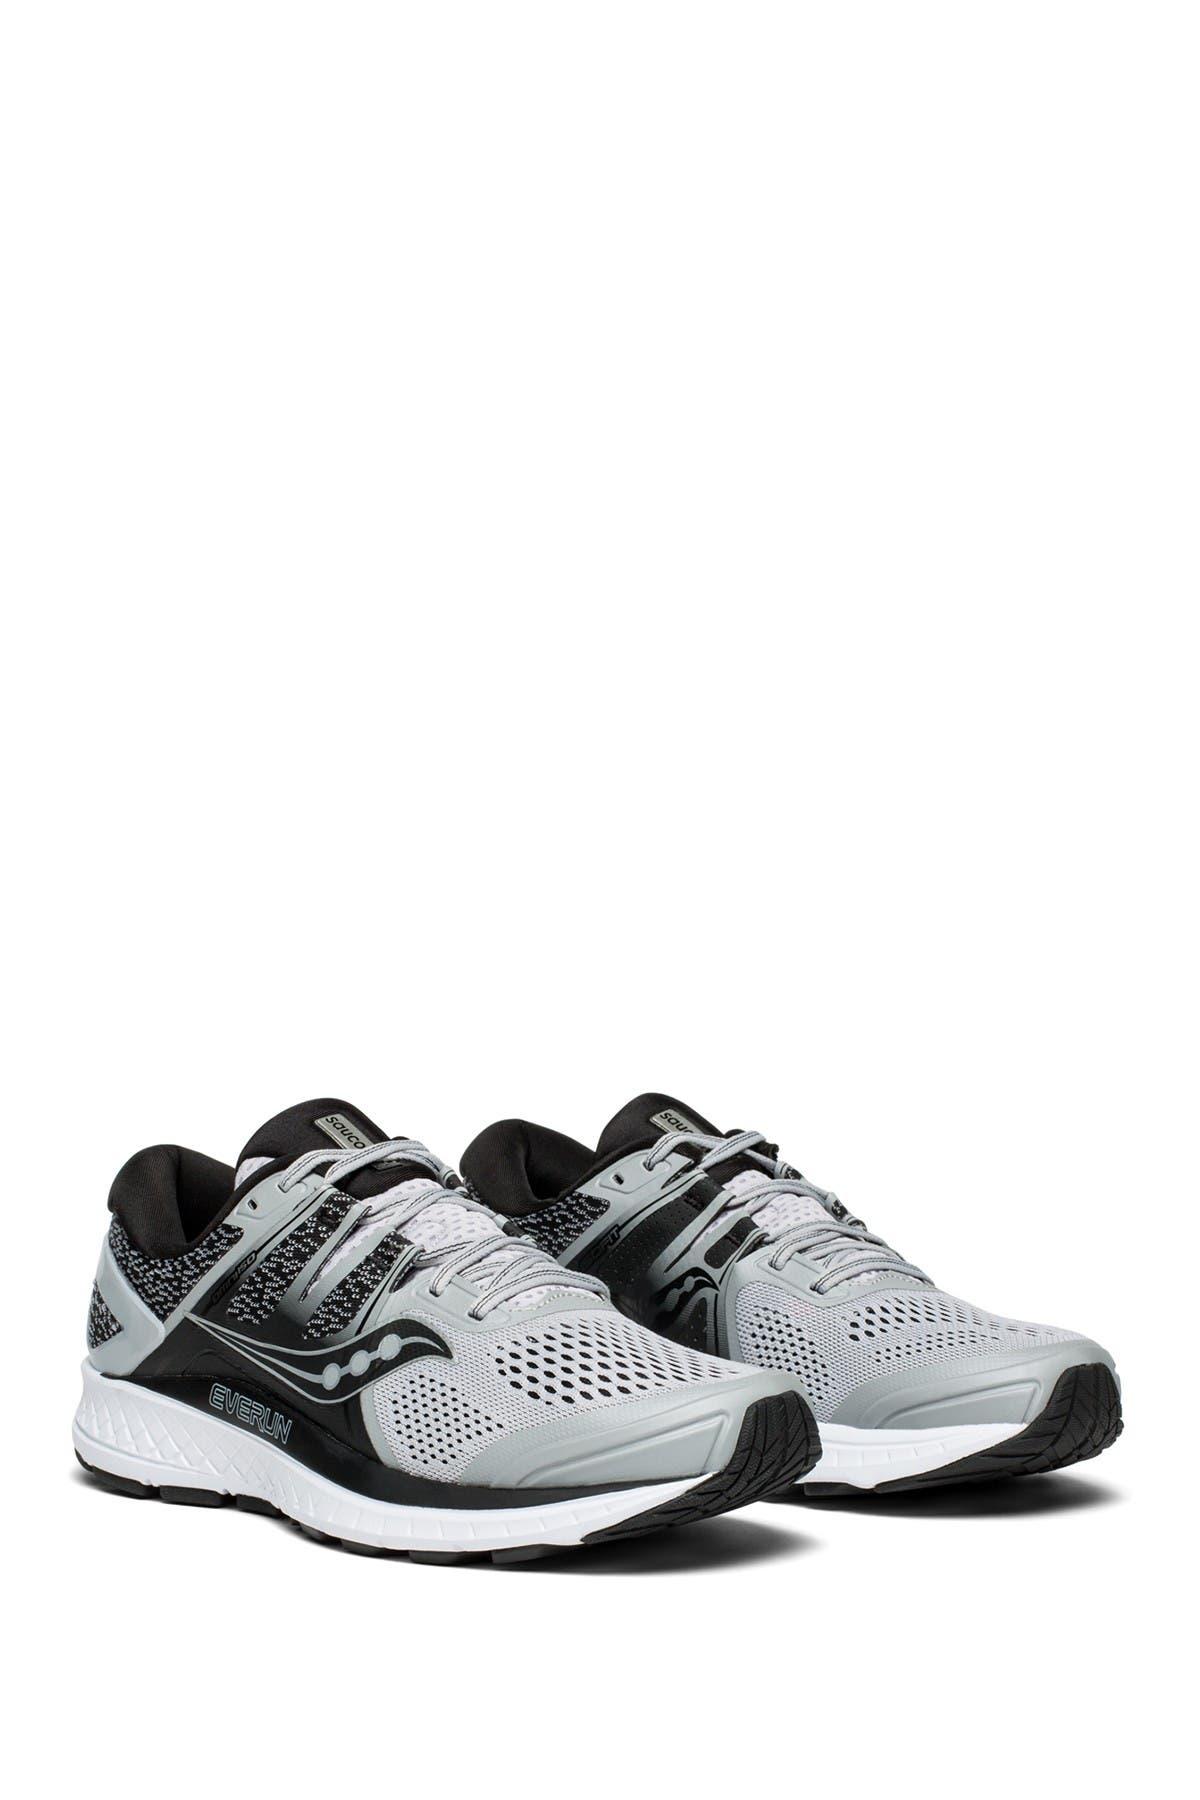 Saucony | Omni ISO Running Shoe - Wide